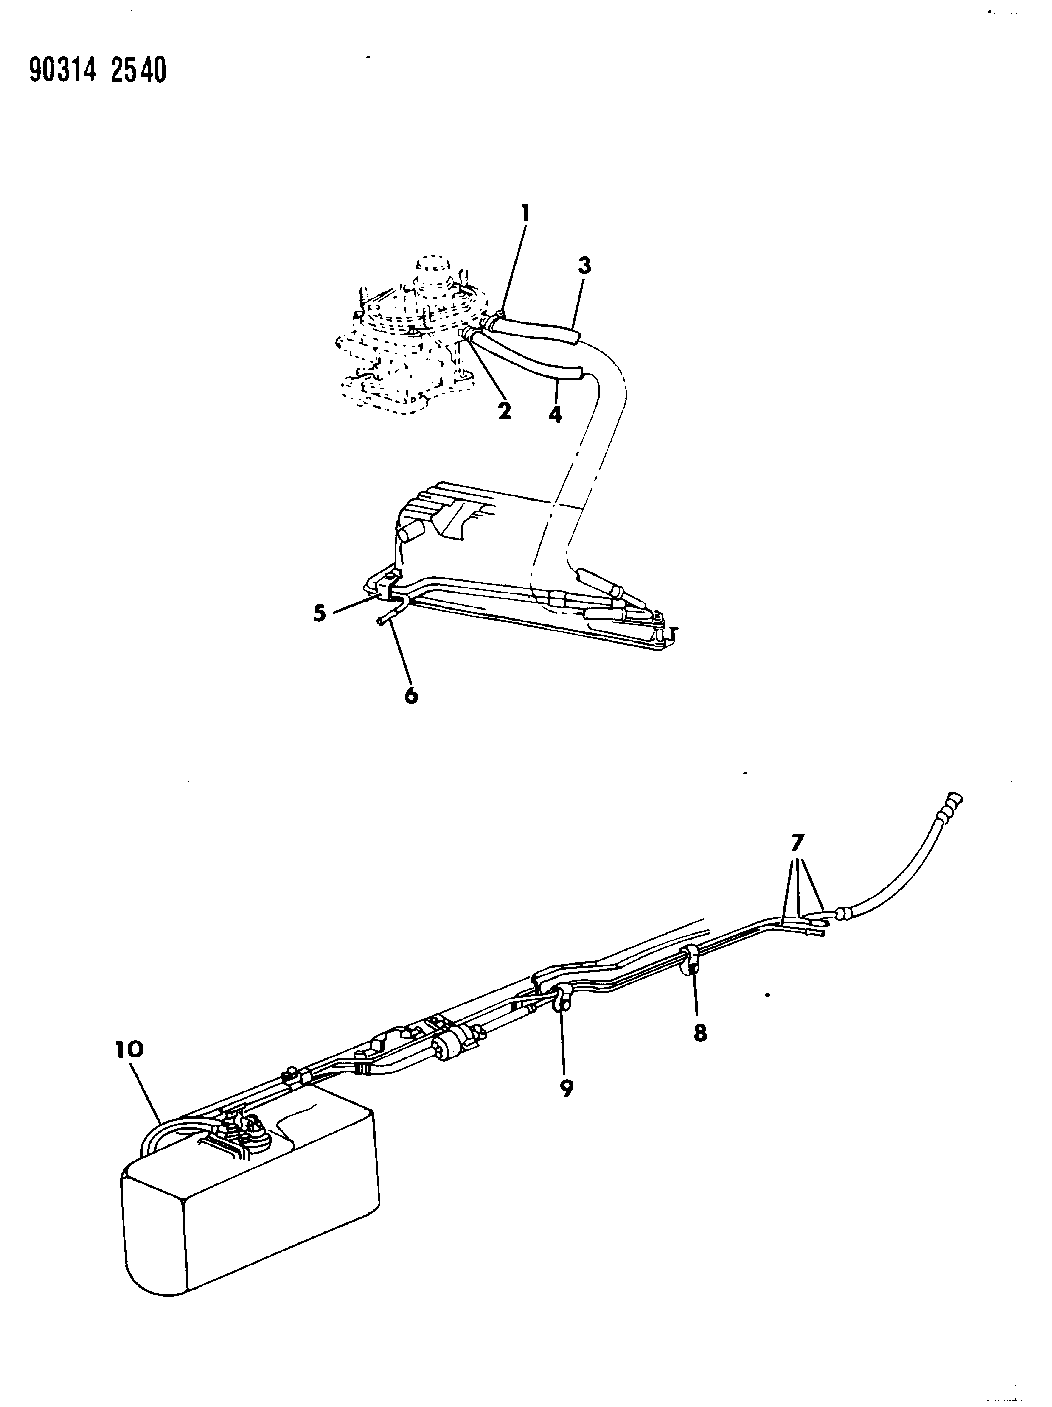 Ignition System Wiring Diagram 1992 Dodge Dakotum Fuel